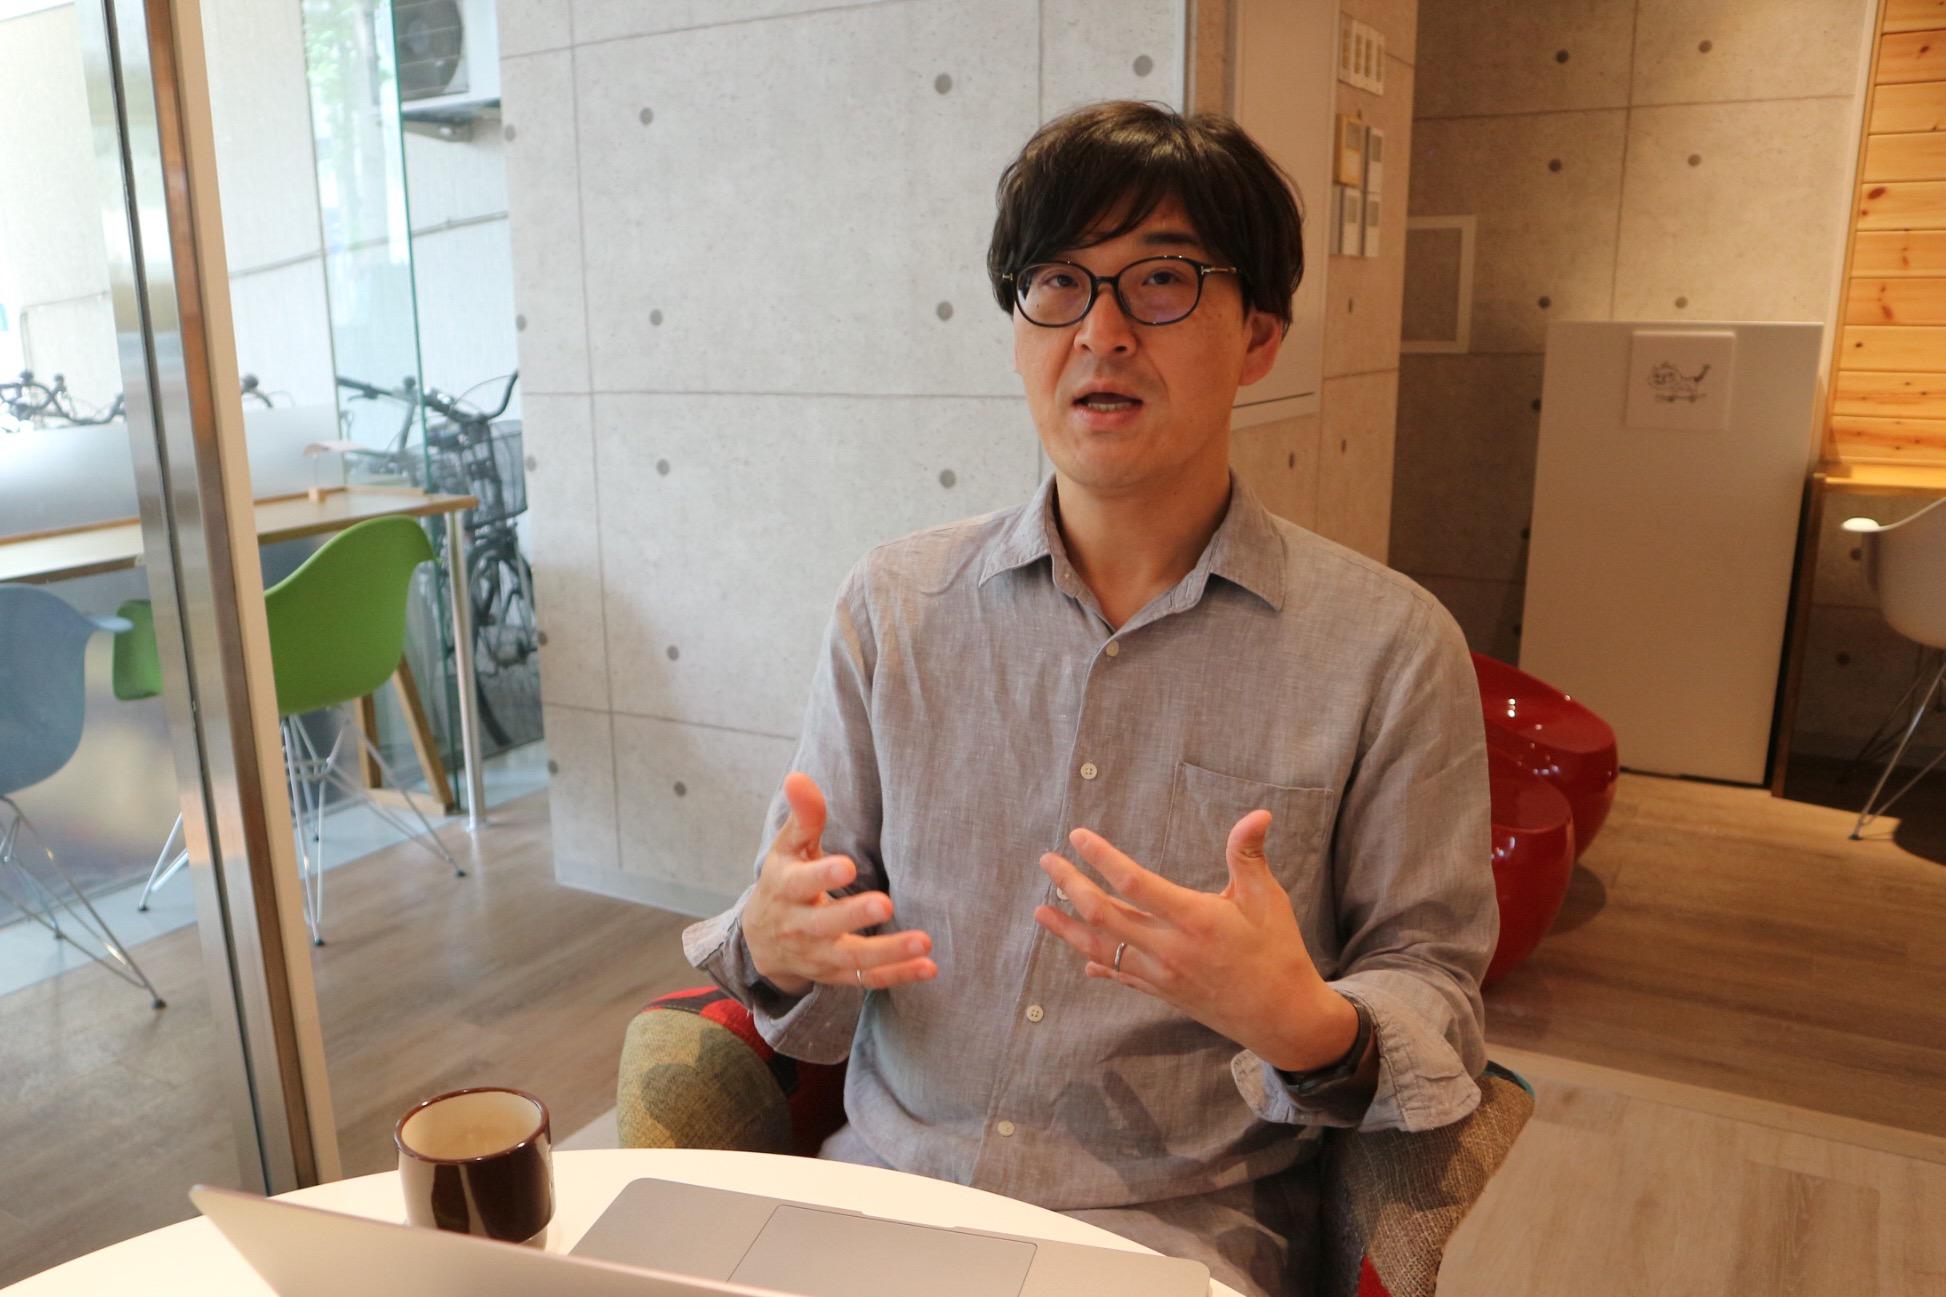 顧客を理解しストーリーを発信していくことの価値とは ― ad:tech kansai 特集(1)